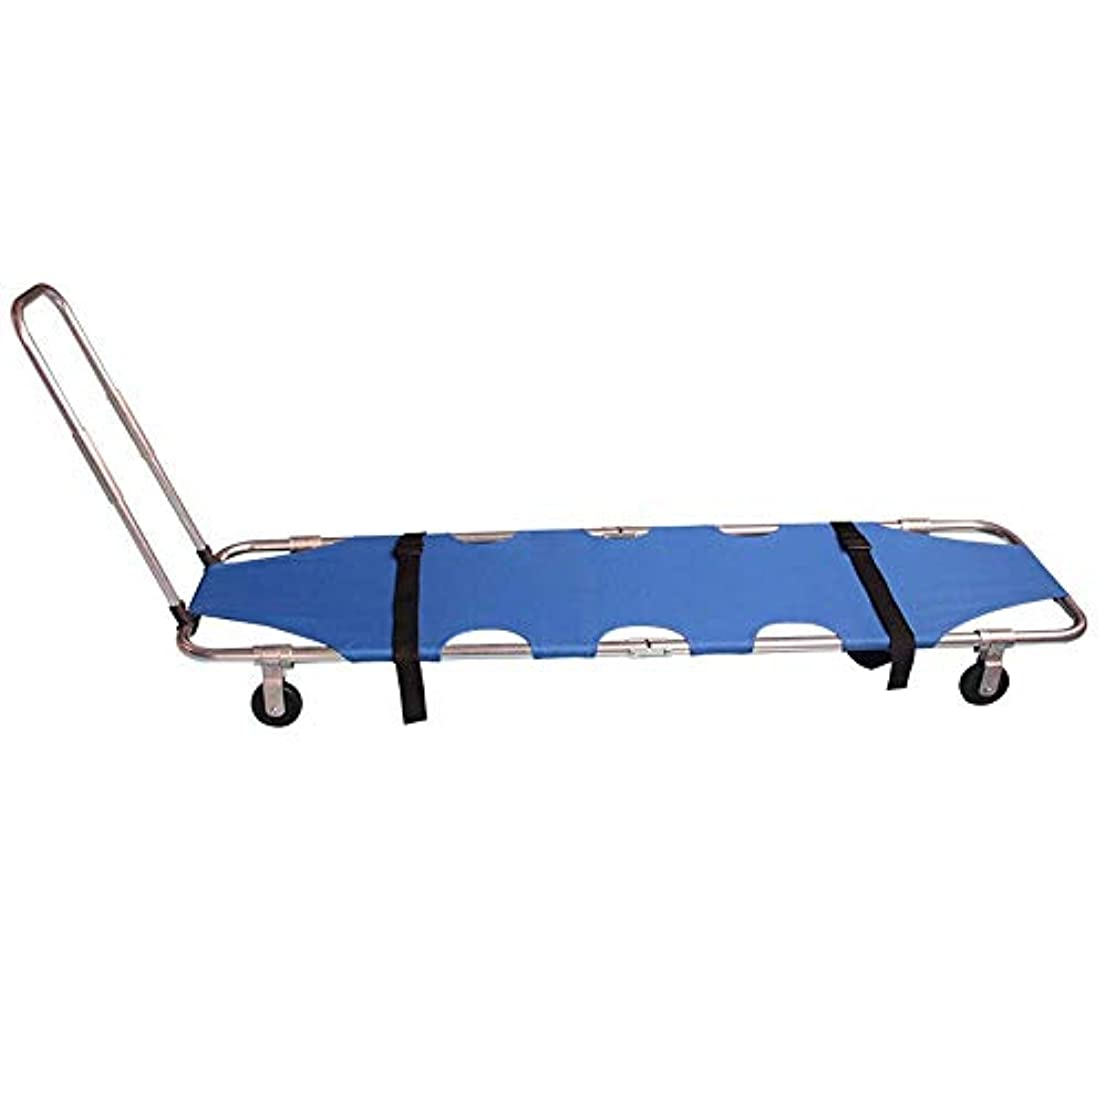 速記メモ開発緊急救助ストレッチャー、病院、クリニック、ホームなどのための4つの車輪とシートベルトを備えたフラット折りたたみ式ポータブルストレッチャー